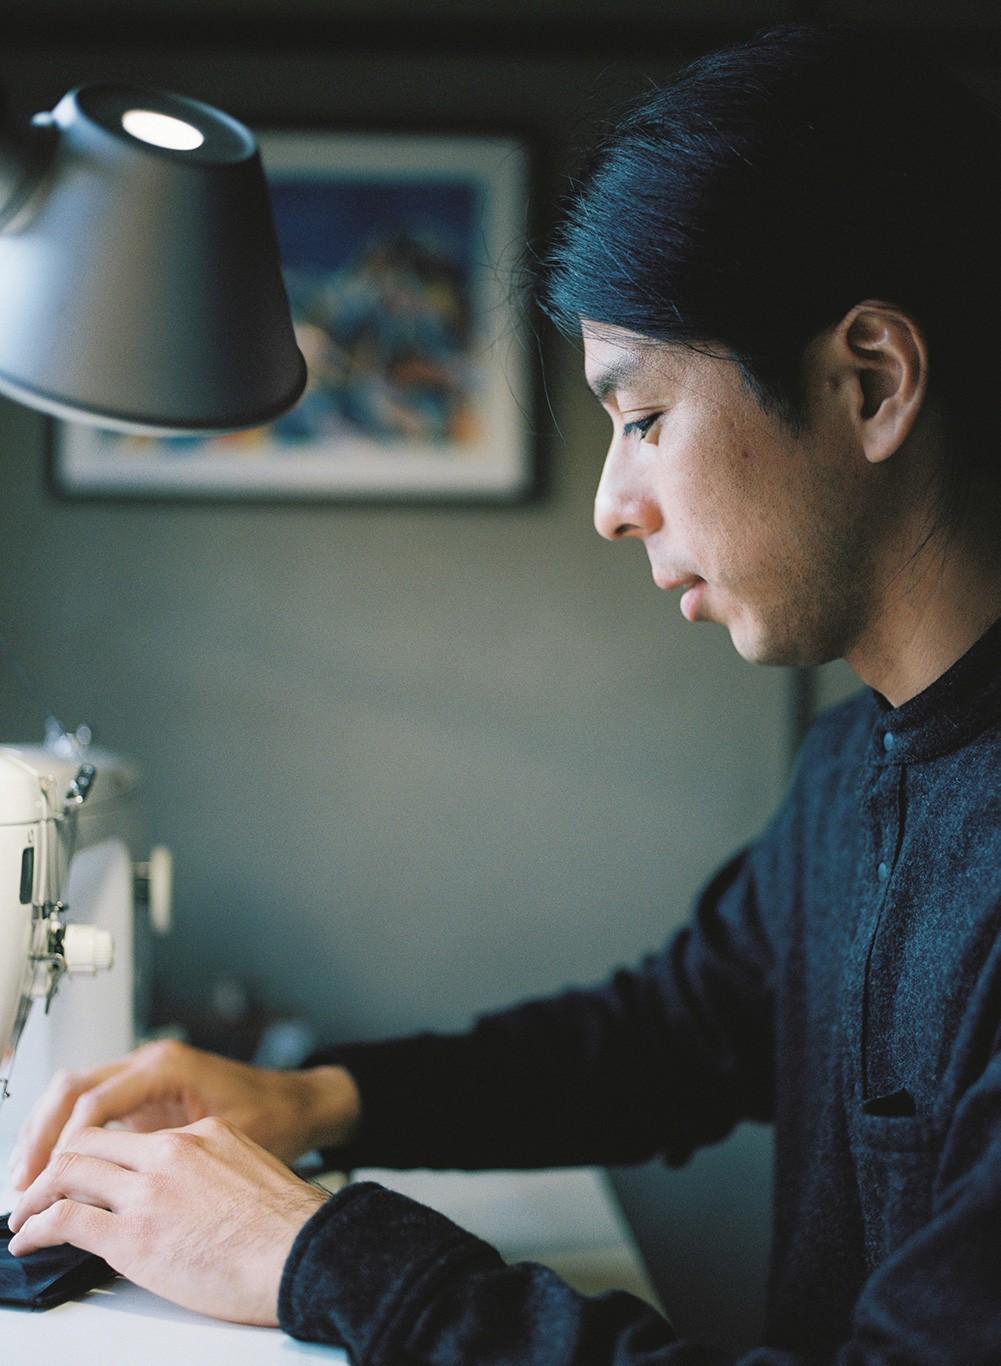 工房のミシンは、サンプル作りや商品の検品時の縫い直しに使用